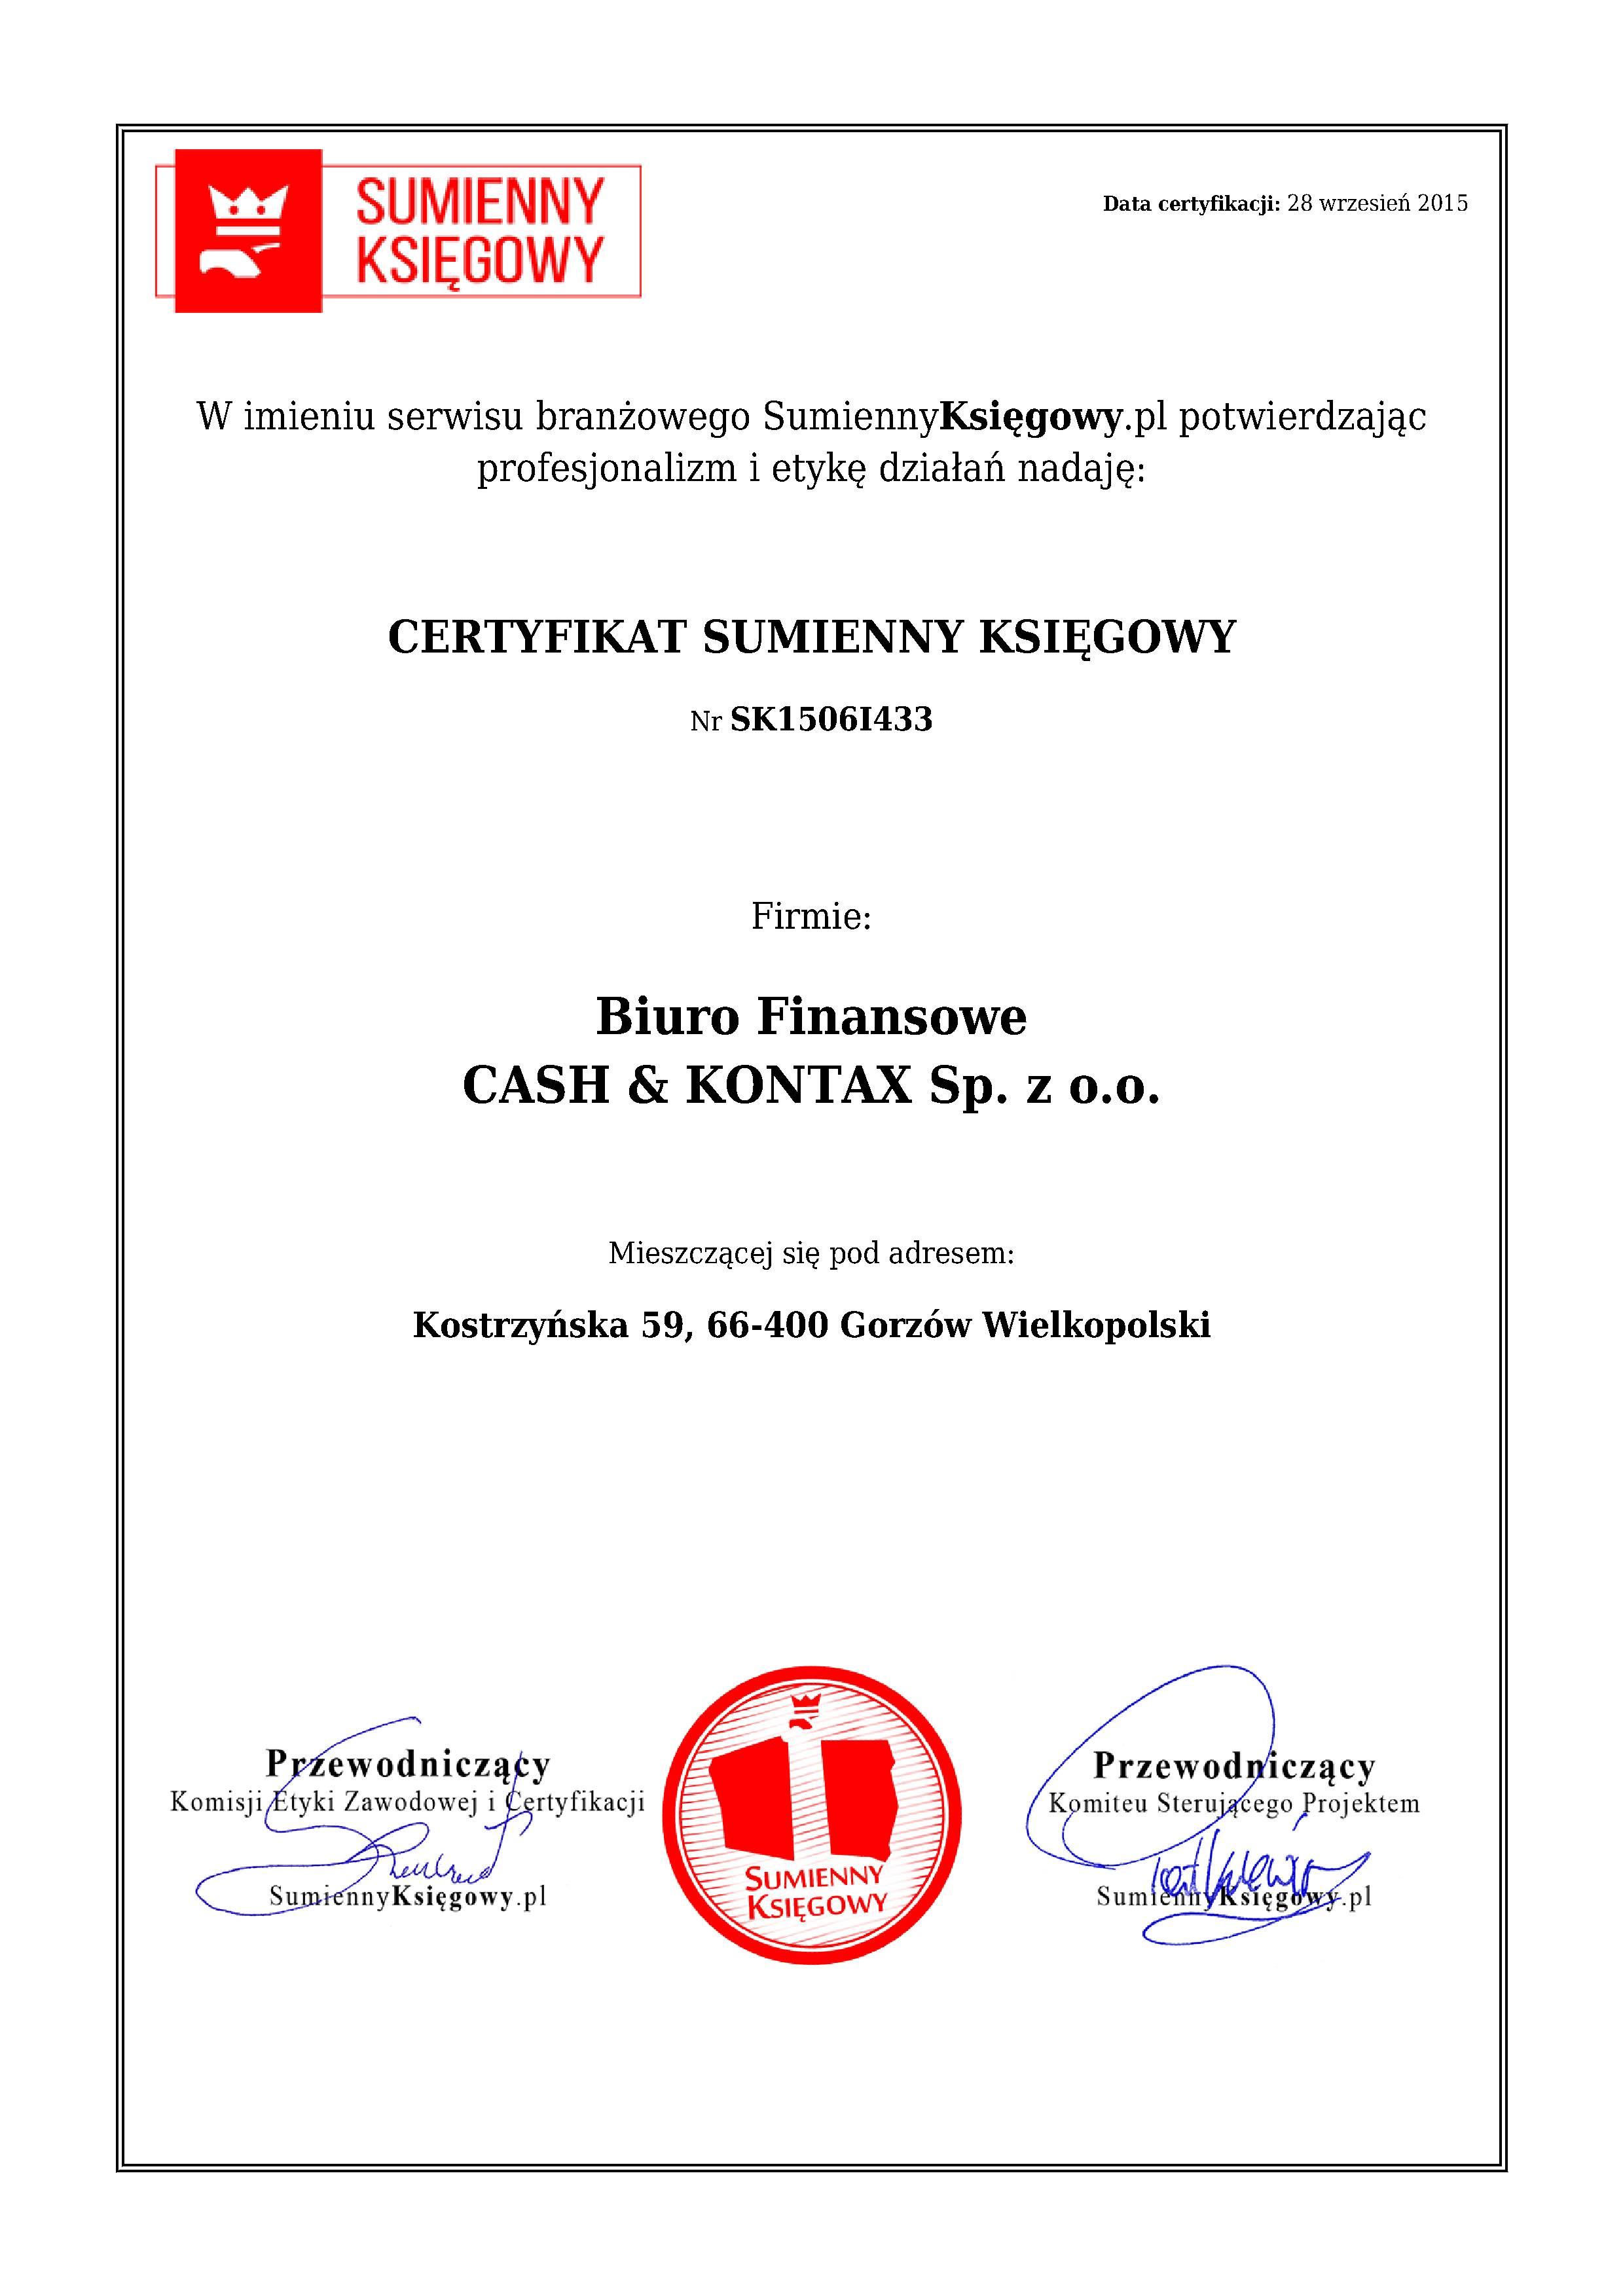 Certyfikat Biuro Finansowe CASH & KONTAX Sp. z o.o.